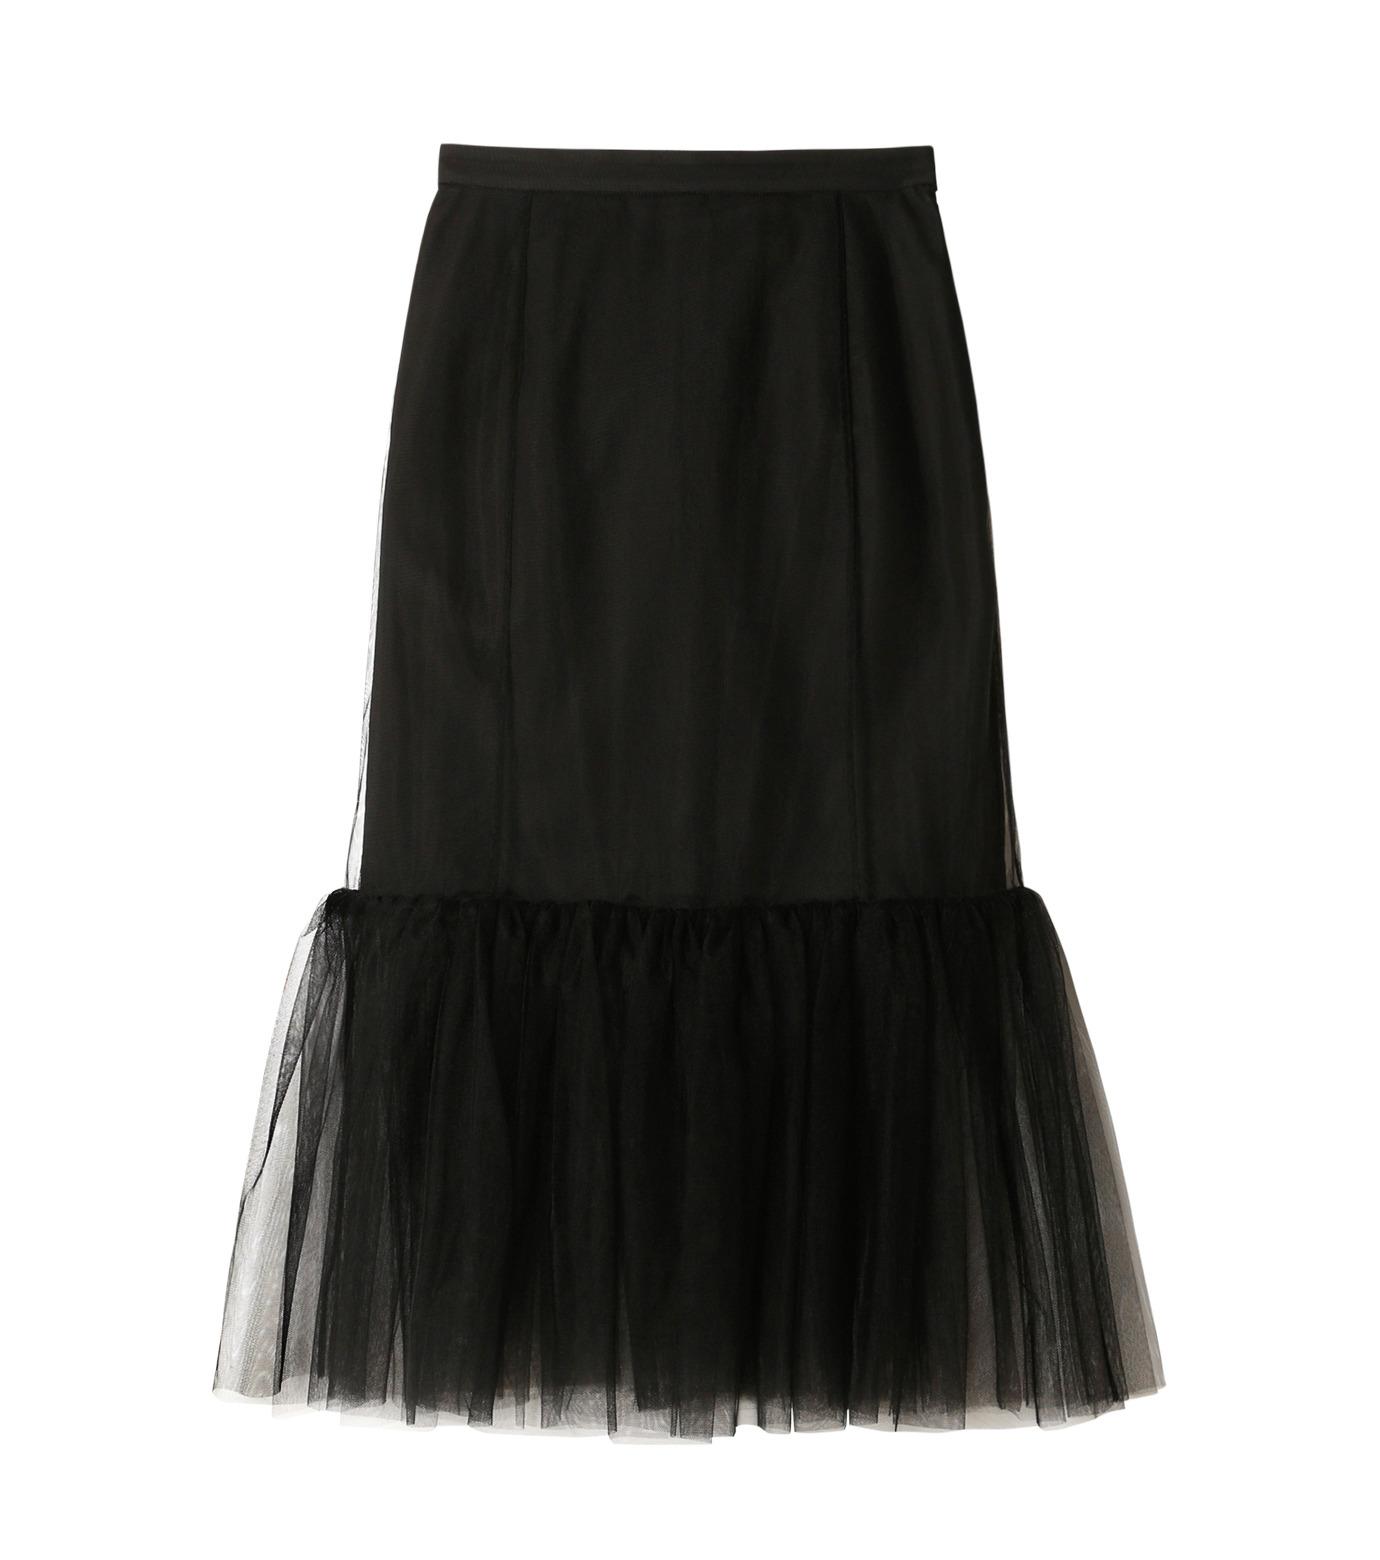 LE CIEL BLEU(ルシェルブルー)のチュールぺプラムスカート-BLACK(スカート/skirt)-18A67631 拡大詳細画像4